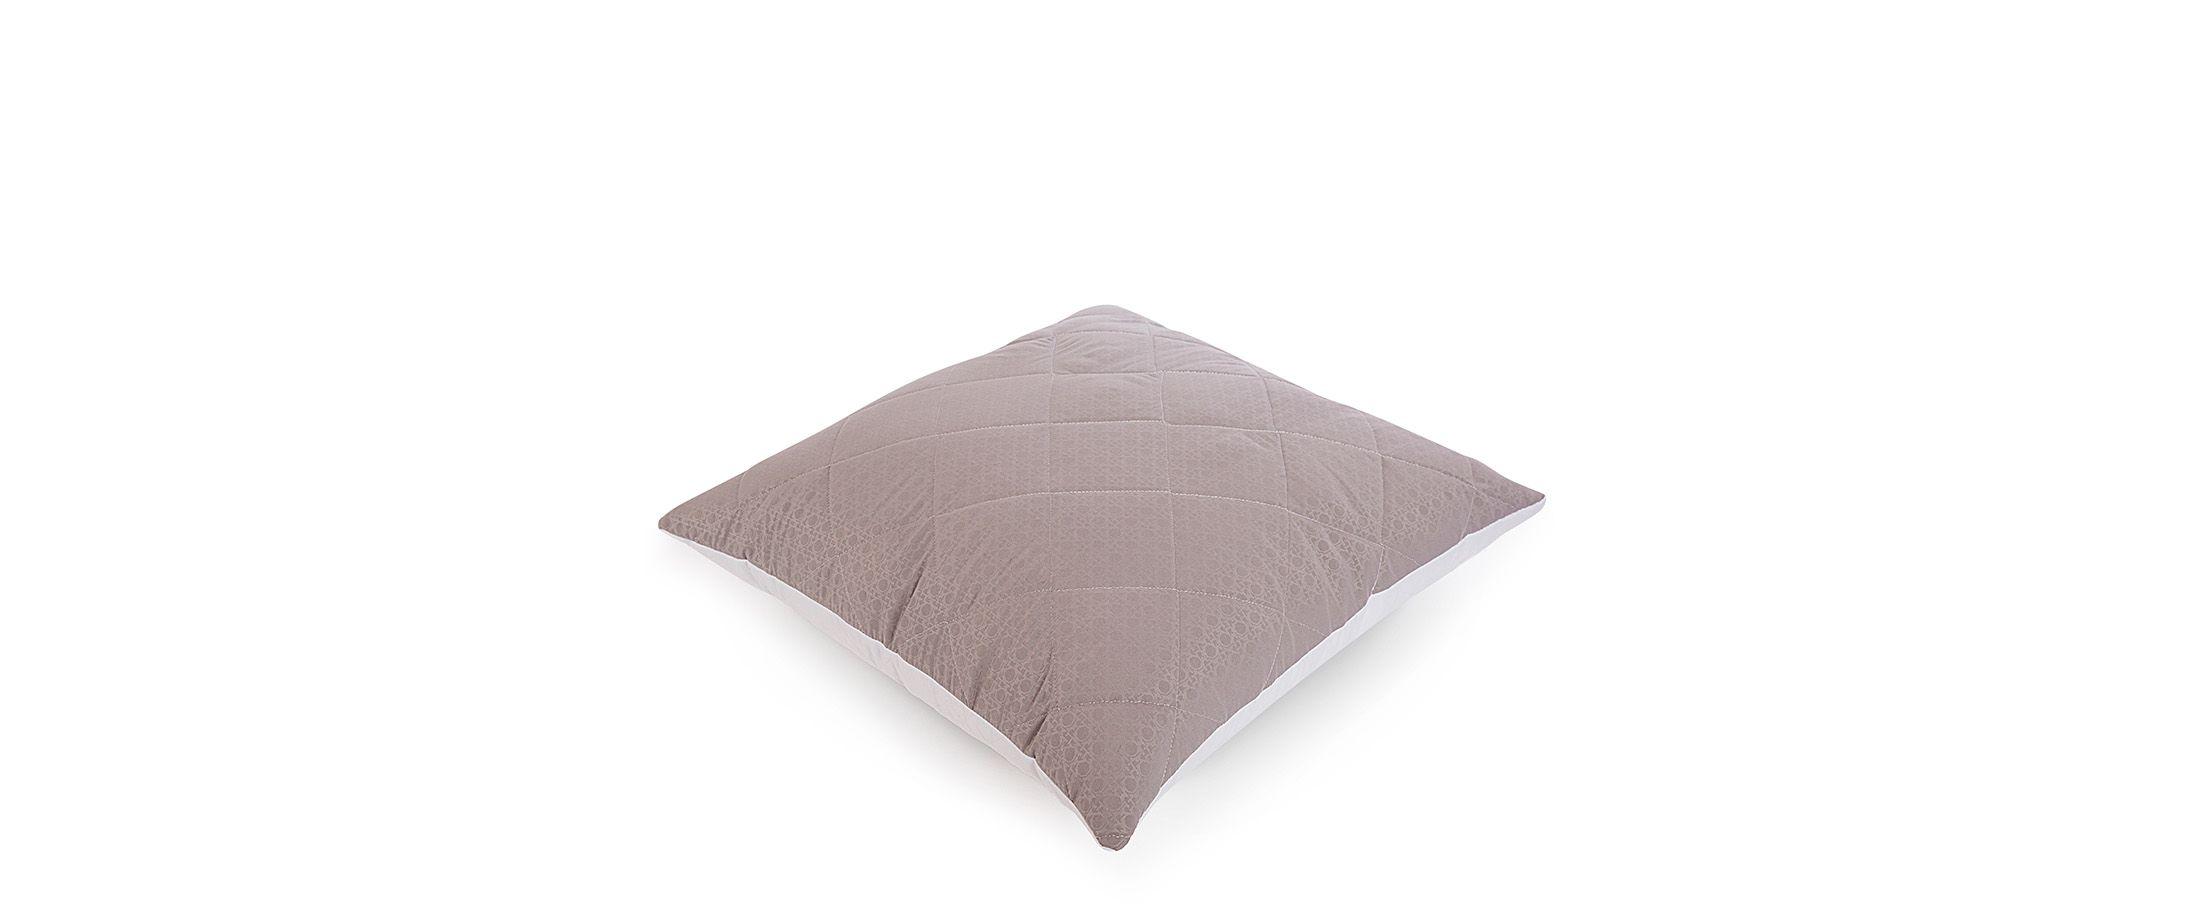 Подушка «Для тебя» 68х68 серого цвета Модель 4004Подушка «Для тебя» 68х68 серого цвета Модель 4004. Артикул К000728<br>